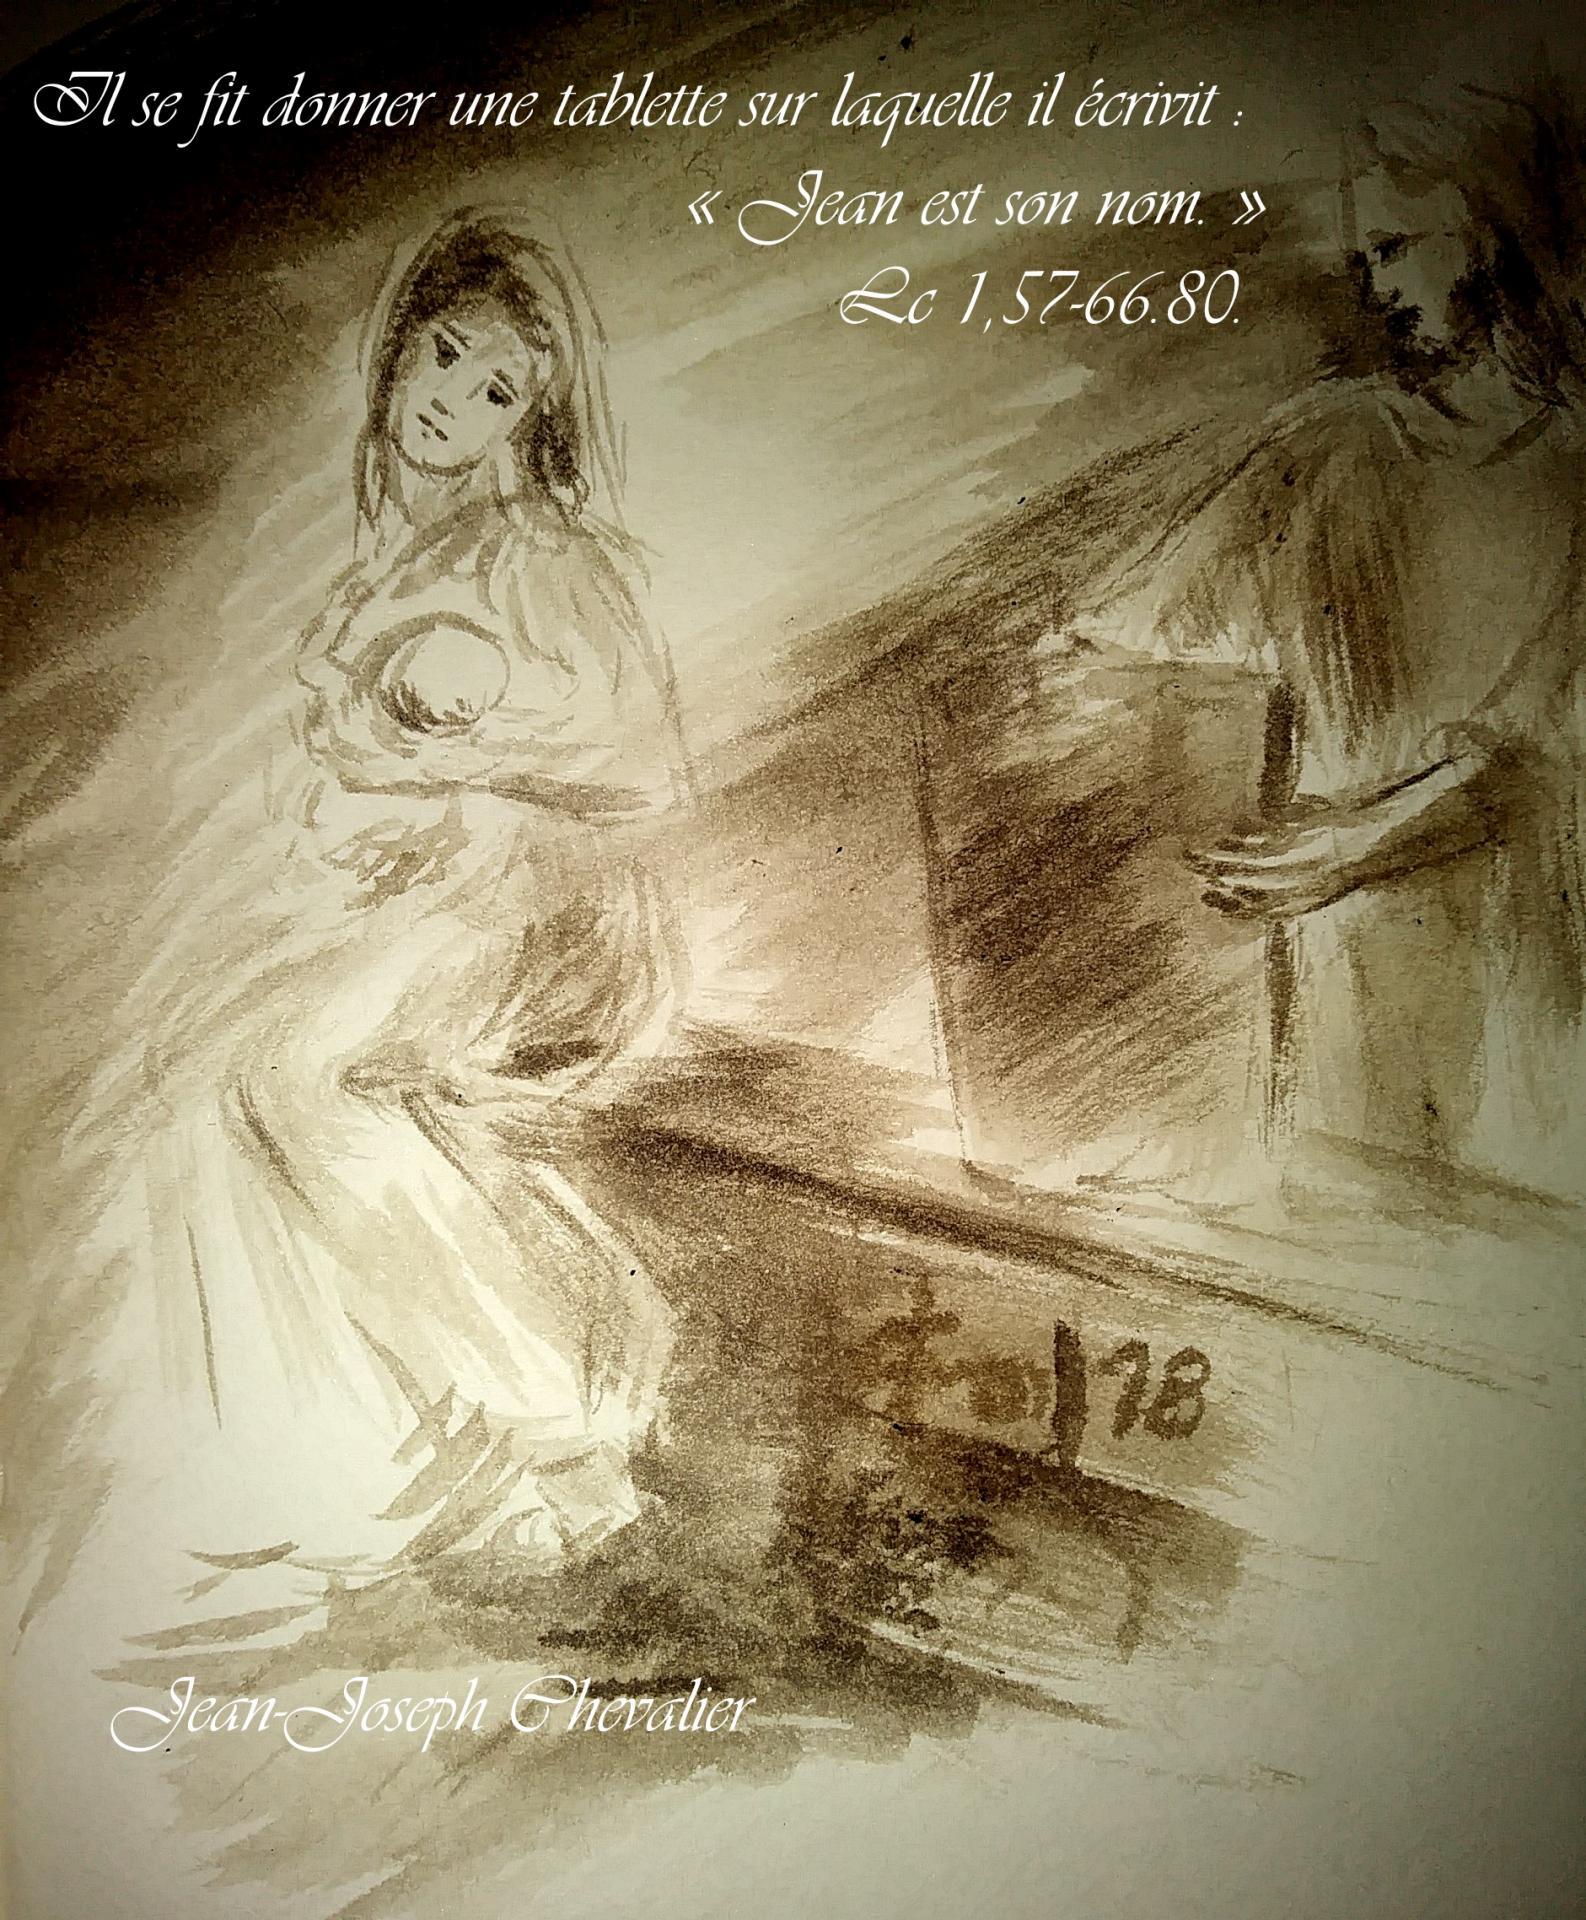 24 Juin 2018, évangile du jour illustré par un dessin au lavis